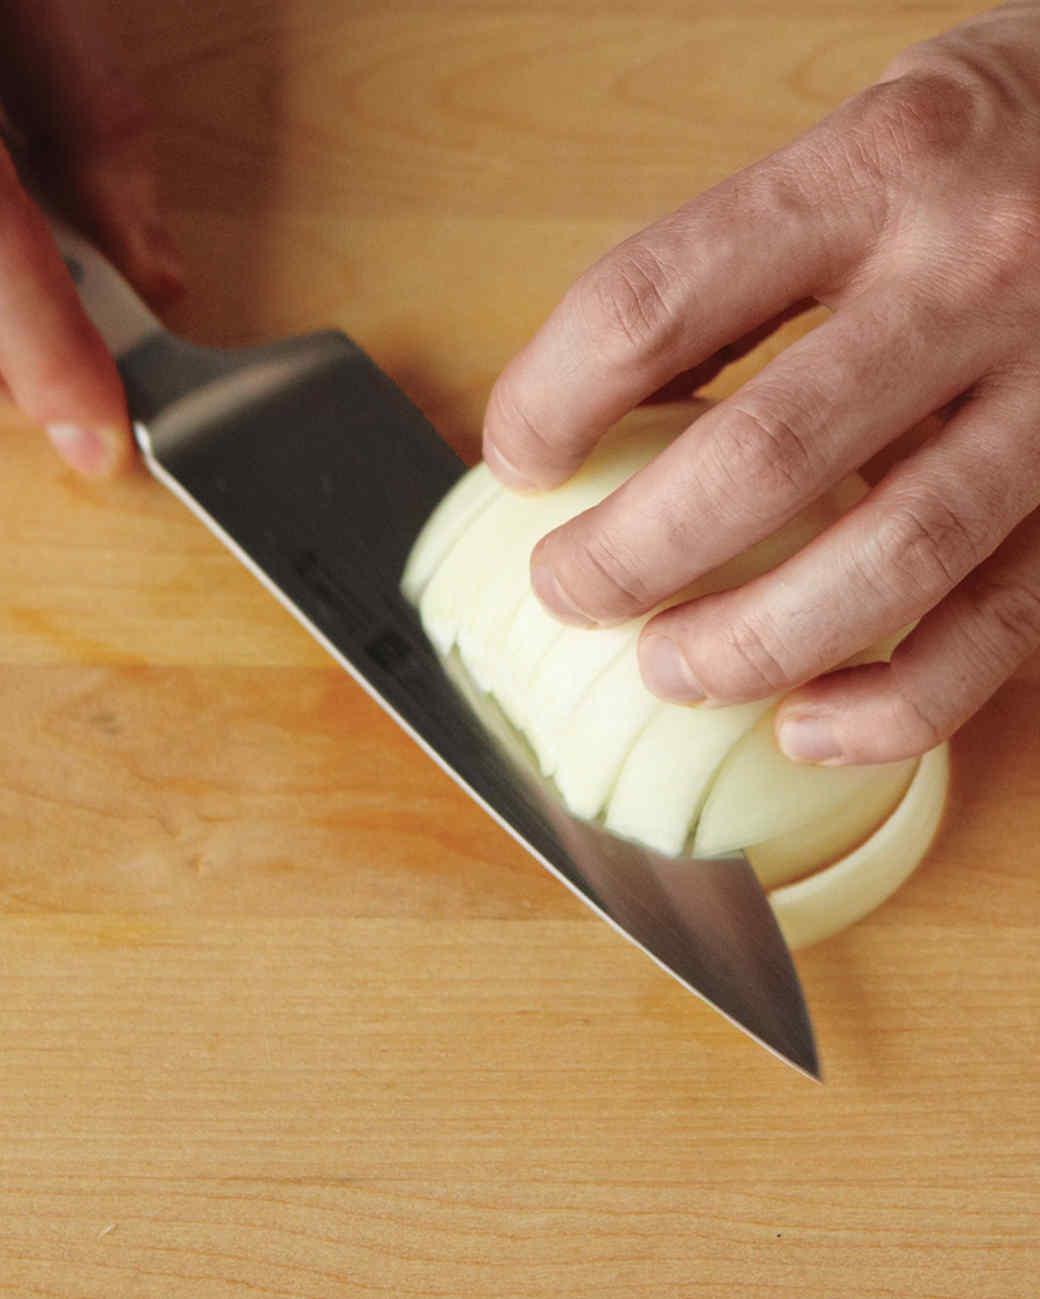 onions-dice-2-med108359.jpg